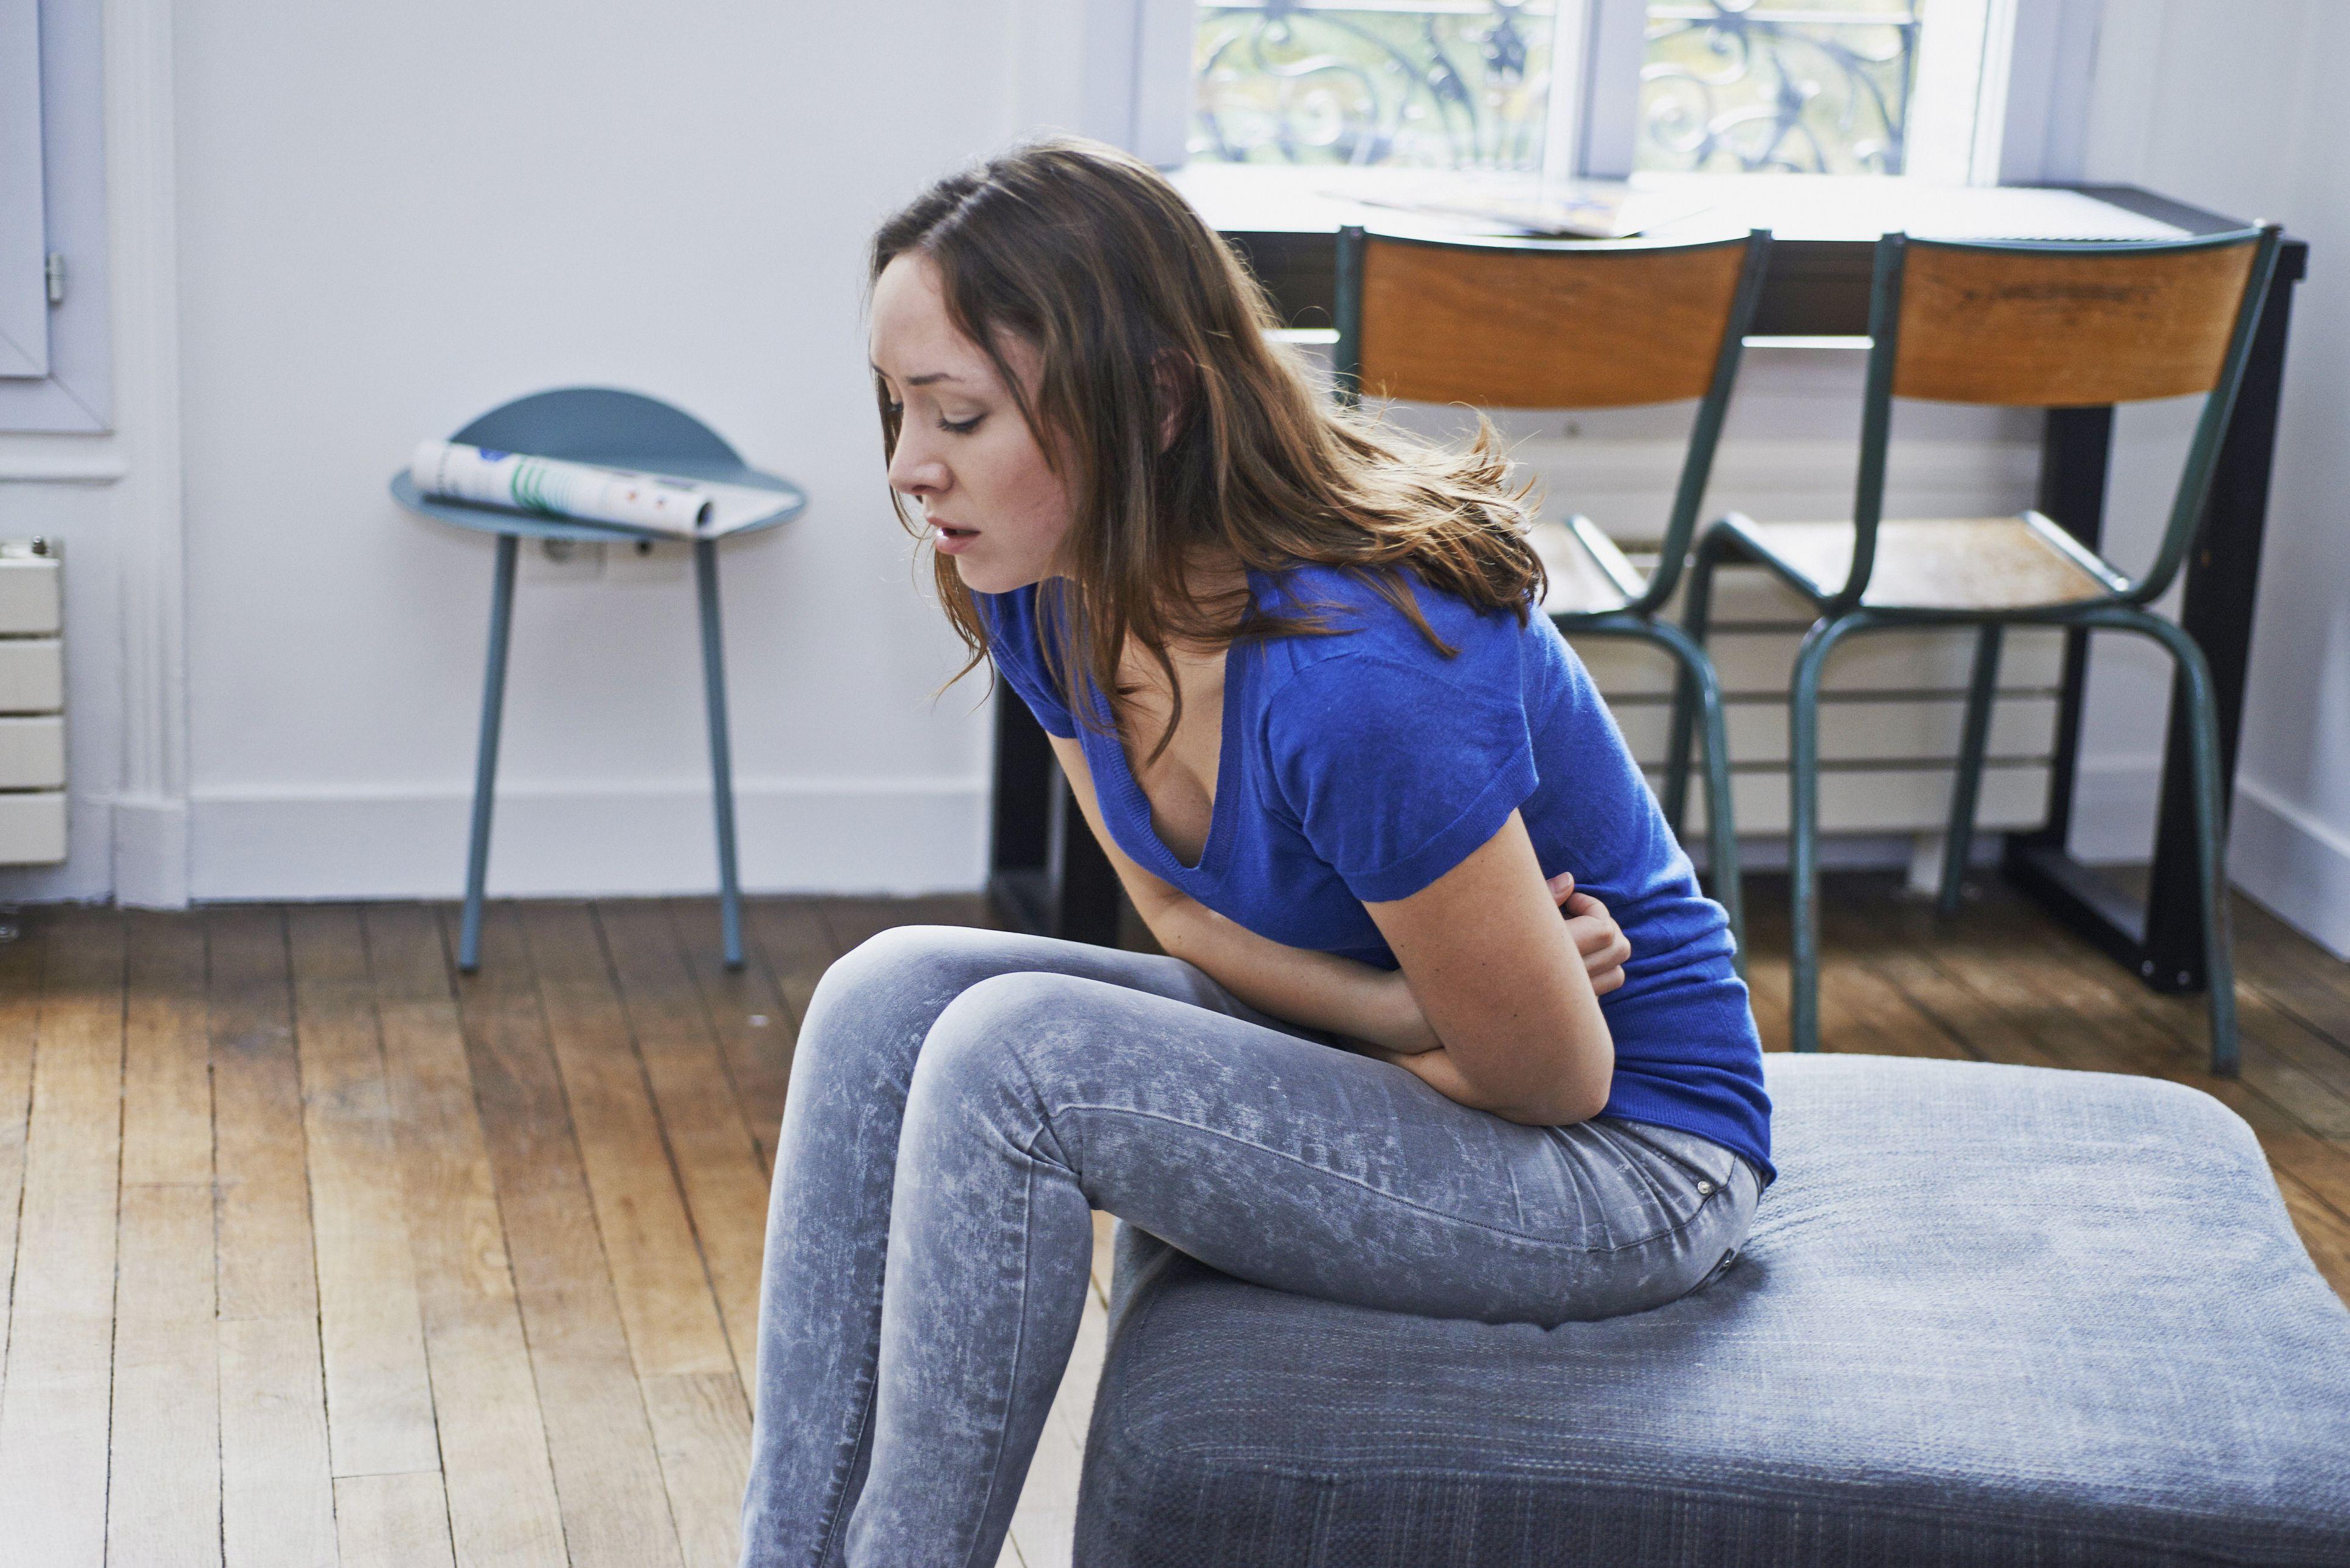 Clomid and postpartum depression